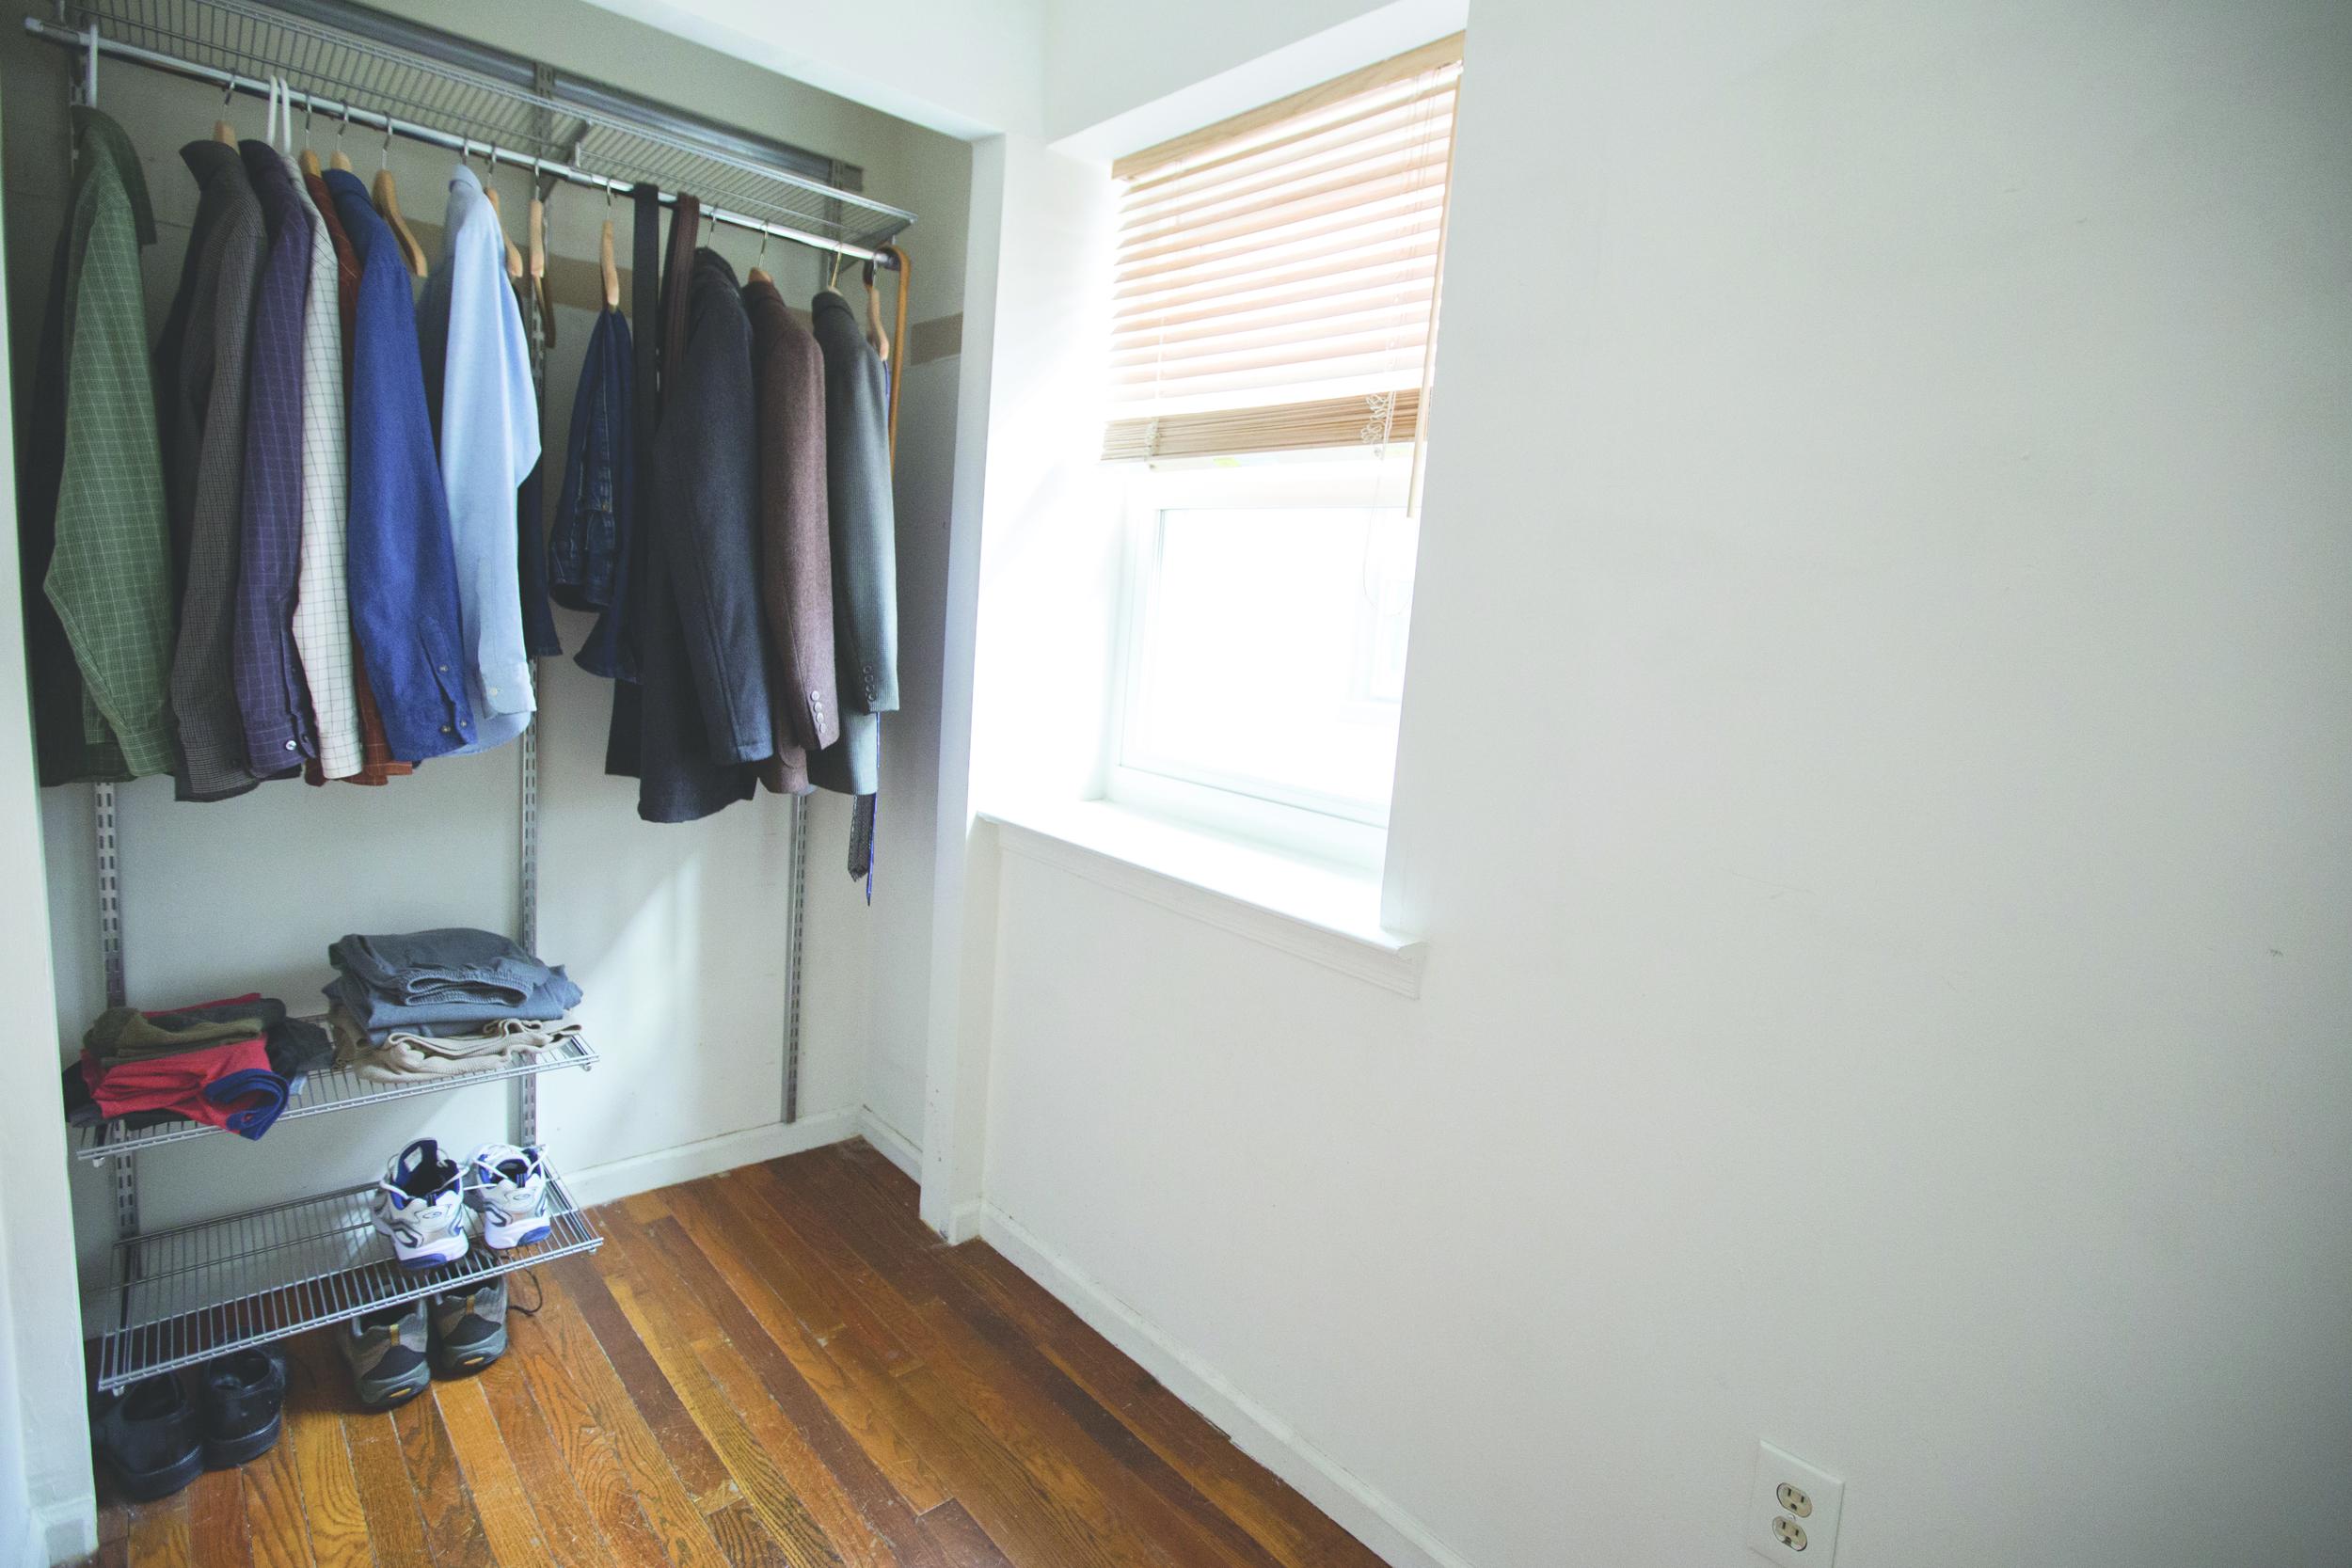 Aaron Bitler's closet of wardrobe essentials.